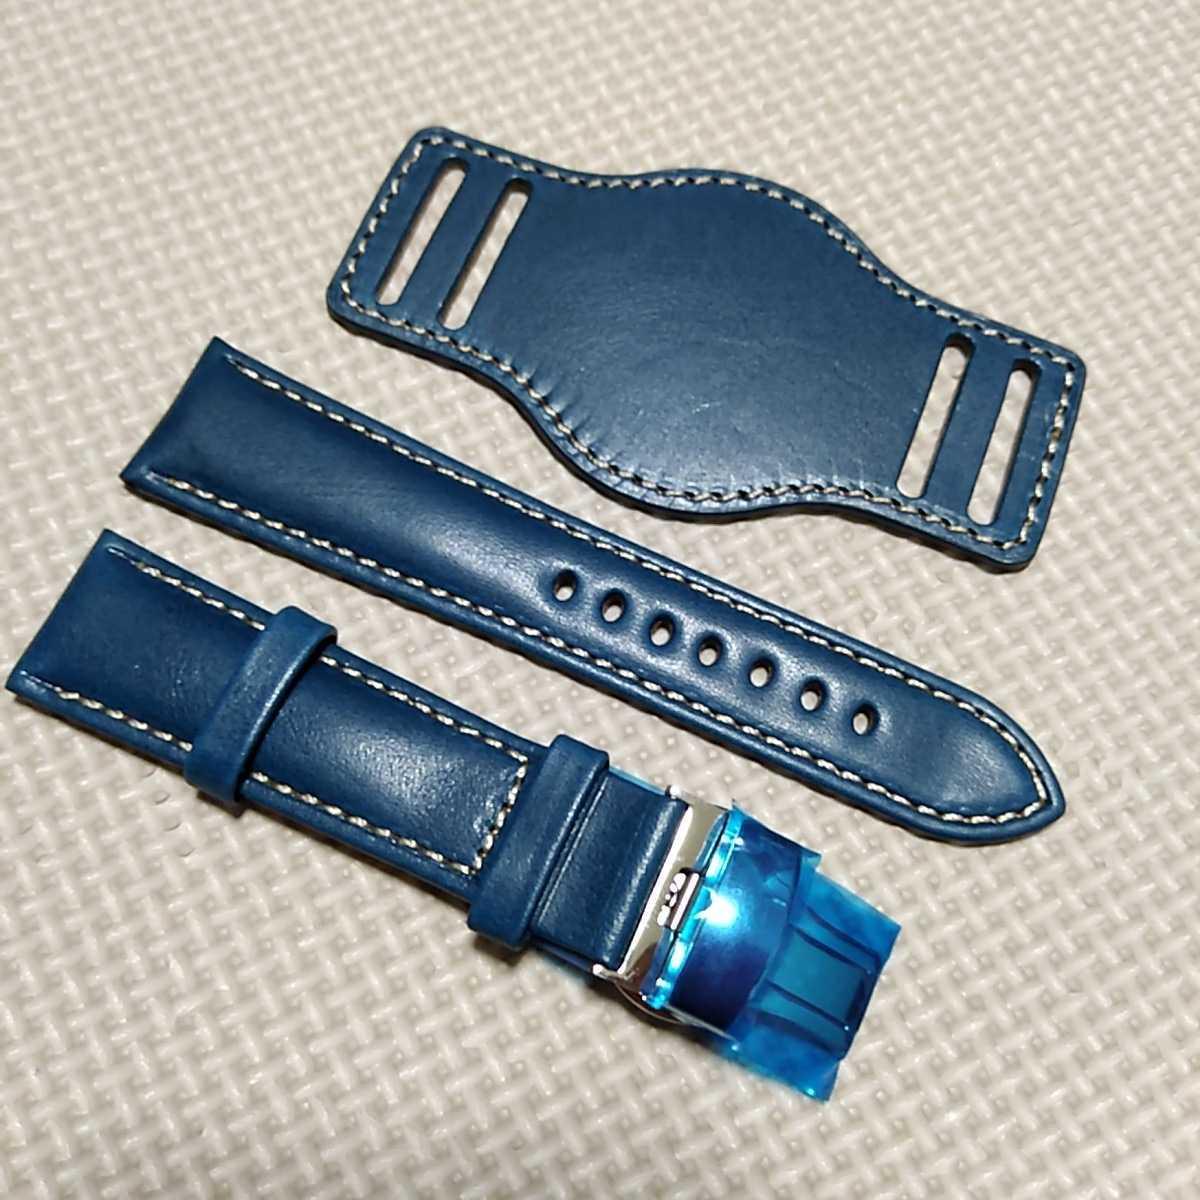 No70 ブンド BUND 本革レザーベルト 腕時計ベルト 交換用ストラップ ブルー 21mm 未使用 Dバックル 高品質 ドイツパイロット 空軍_画像1